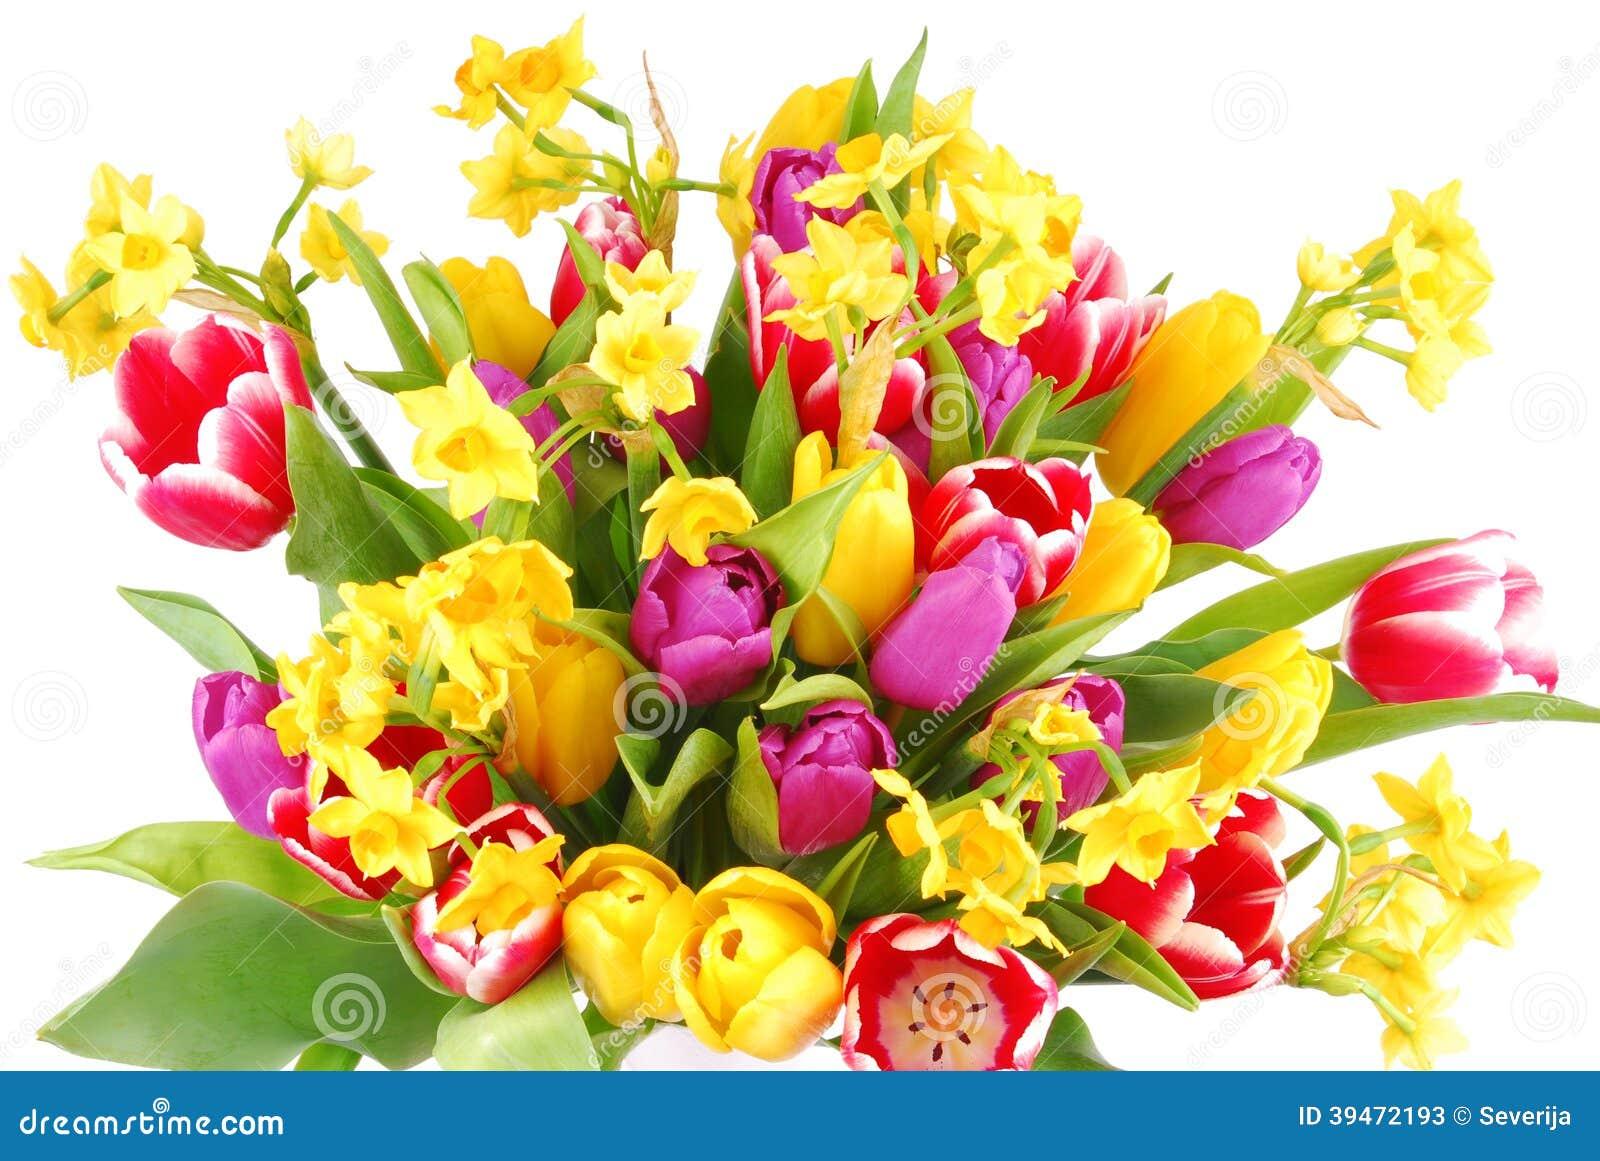 bouquet des fleurs de tulipe et de jonquilles photo stock - image